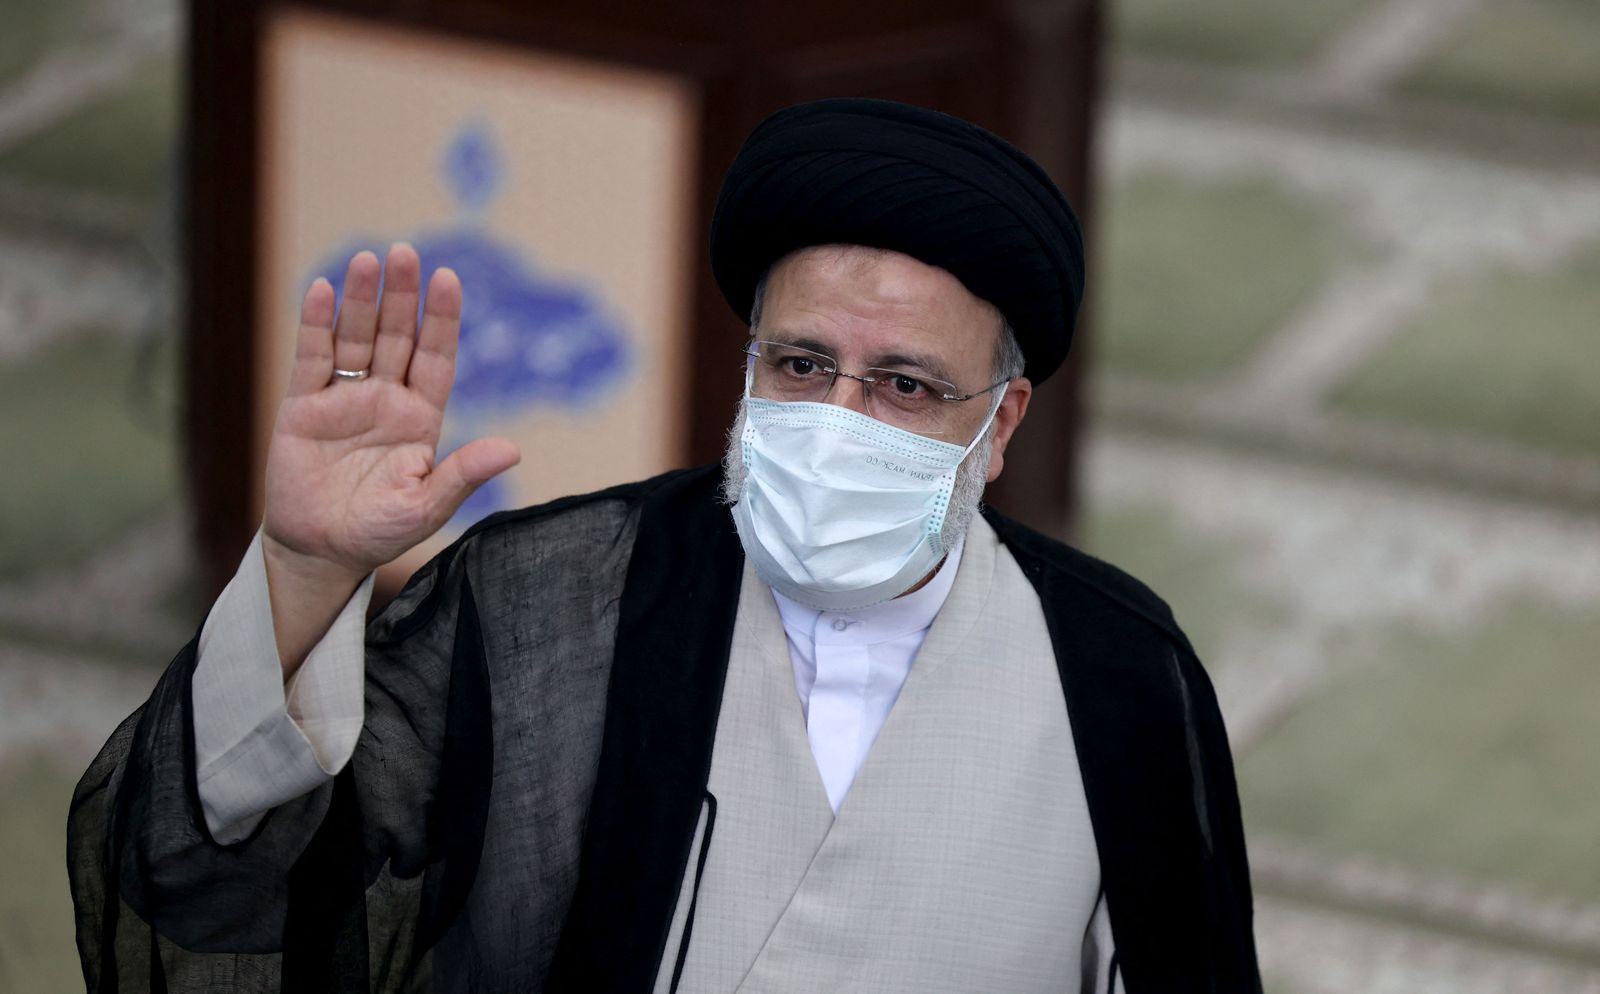 FILES-IRAN-VOTE-RAISI